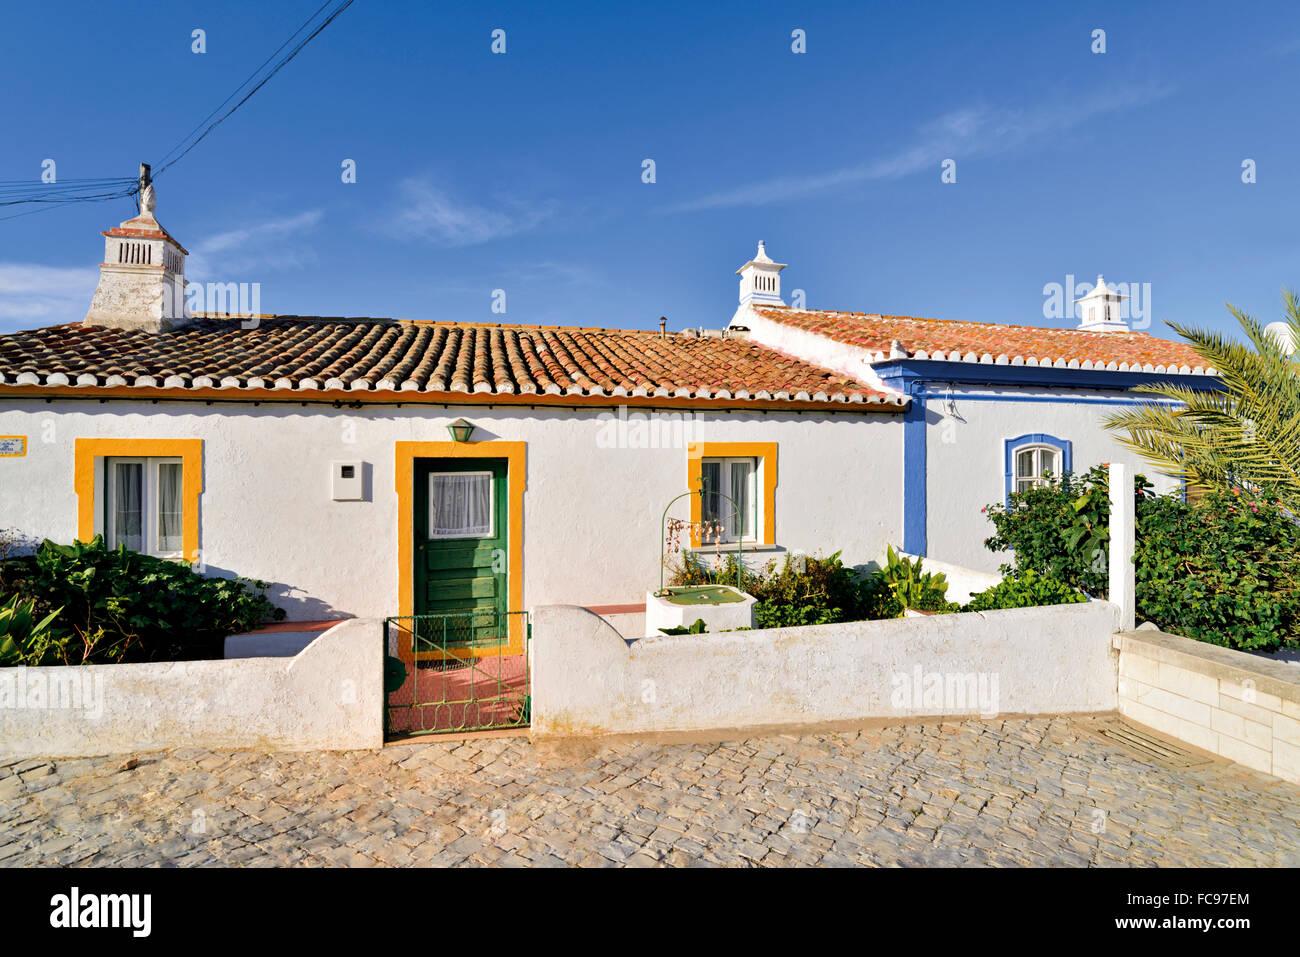 Il Portogallo, Algarve: tradizionale architettura algarvian con il bianco delle case e infissi di tipo colorato Immagini Stock